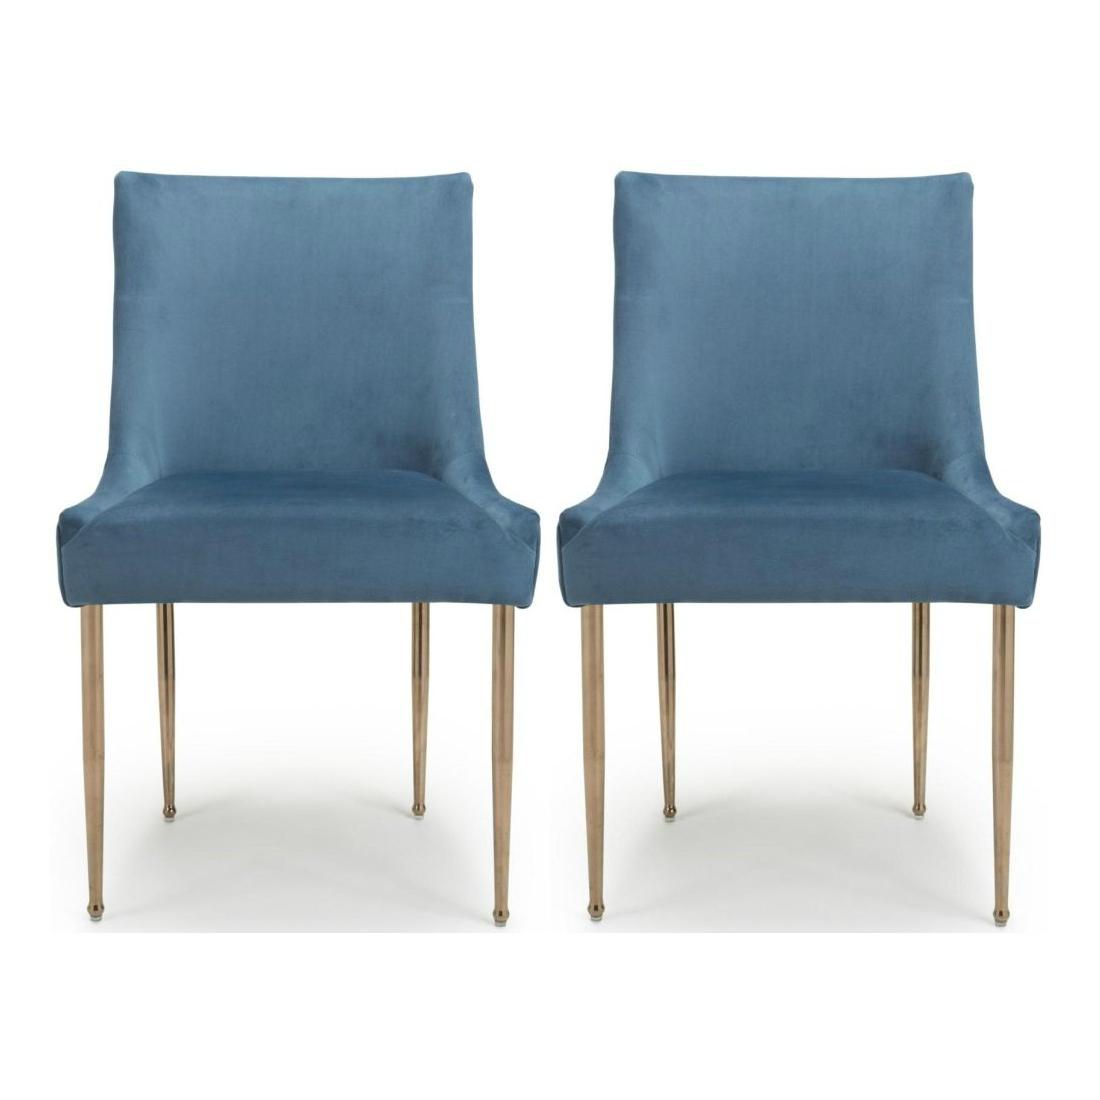 Shankar Earl Caribbean Blue Brushed Velvet Accent Dining Chair Pair